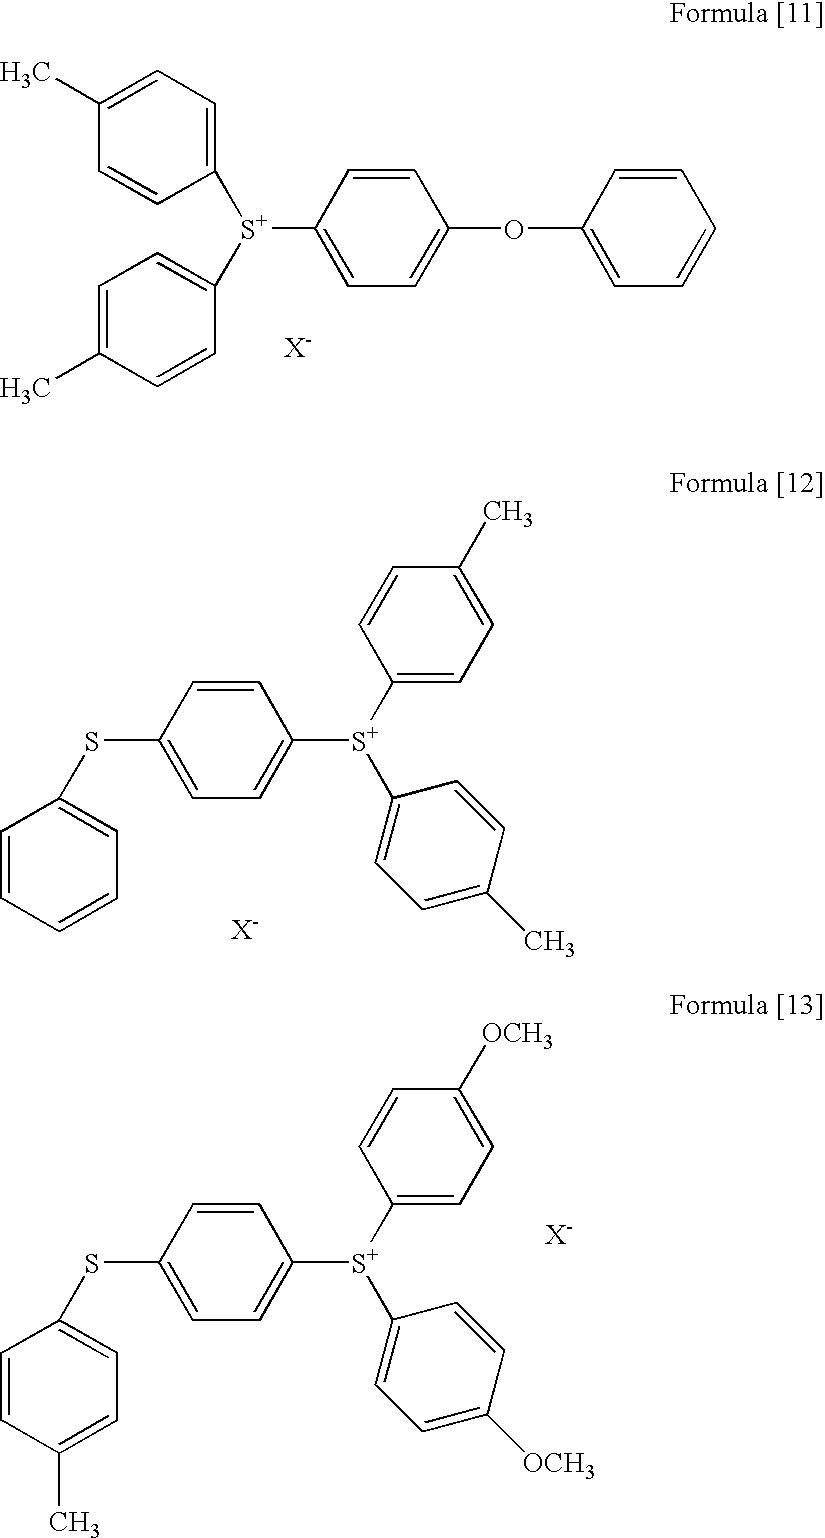 Figure US20050196697A1-20050908-C00019